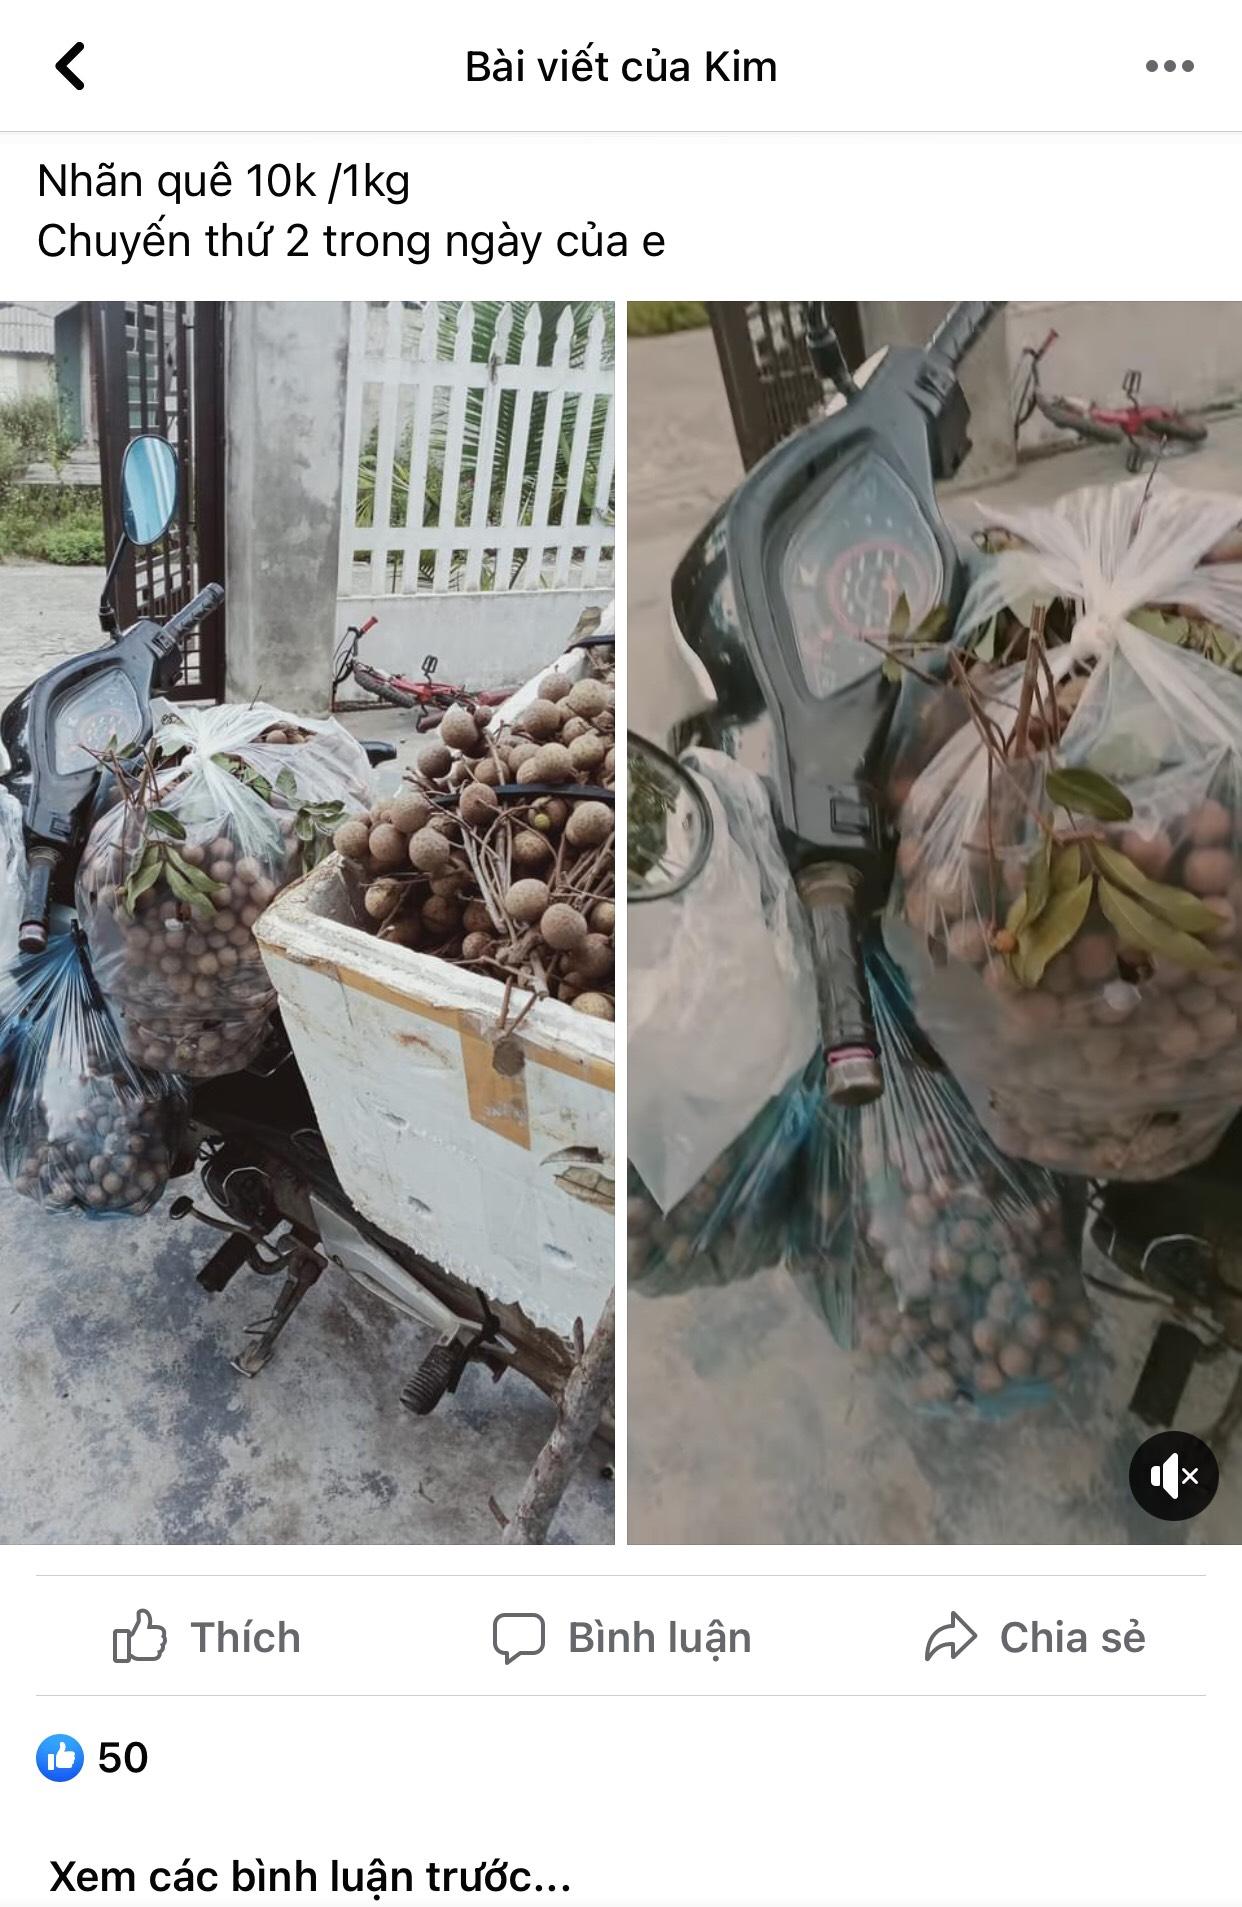 Nhãn quê chỉ 10.000 đồng/kg, chủ vườn khóc, người dân tranh thủ mua nhiều - Ảnh 3.